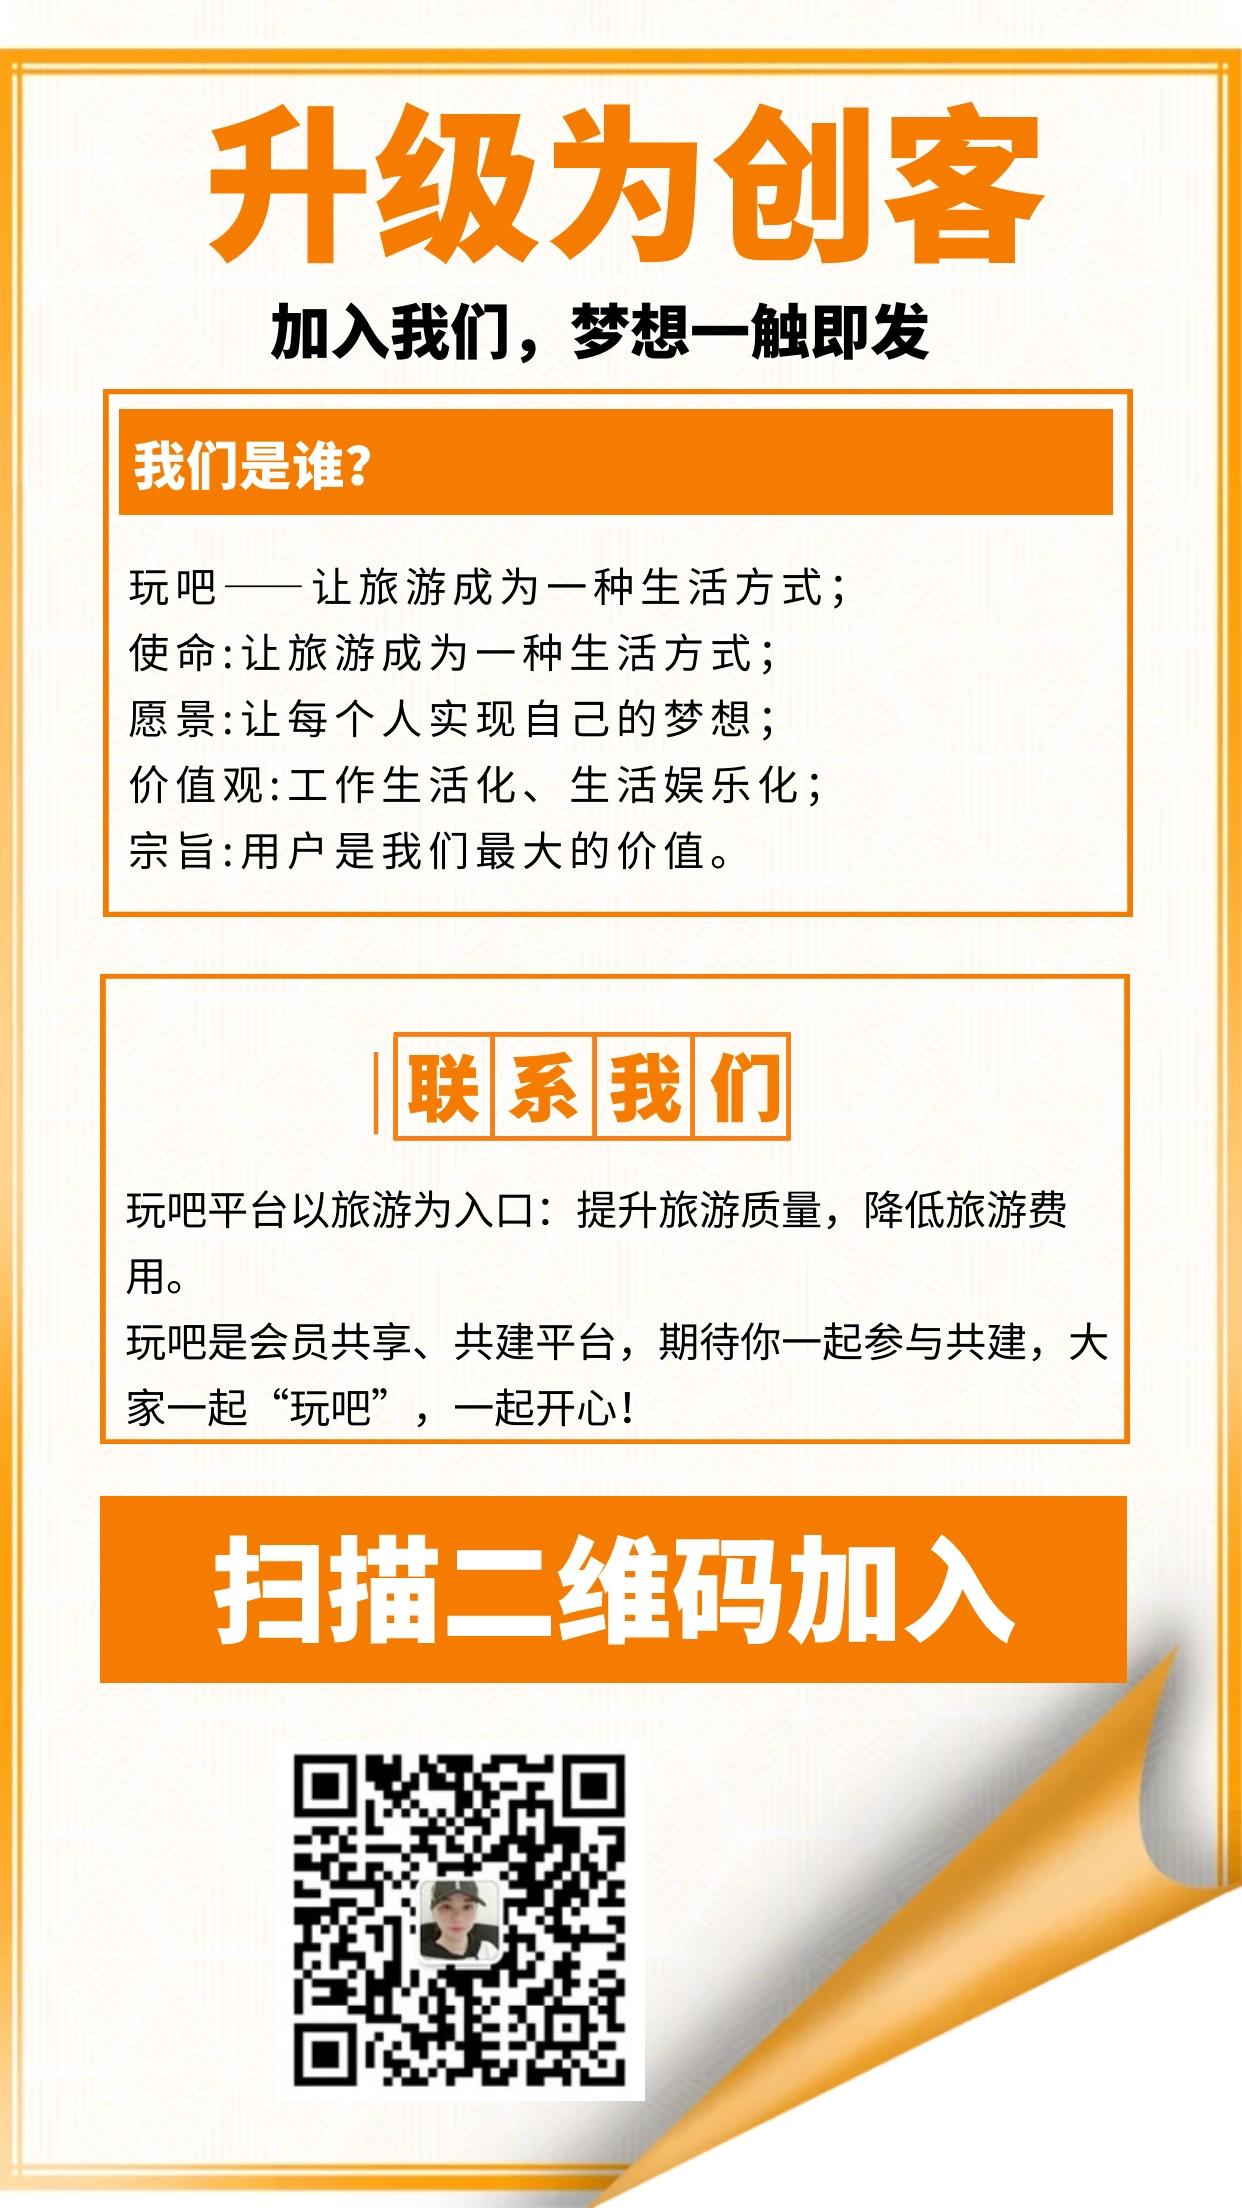 微信图片_20201111180134.jpg